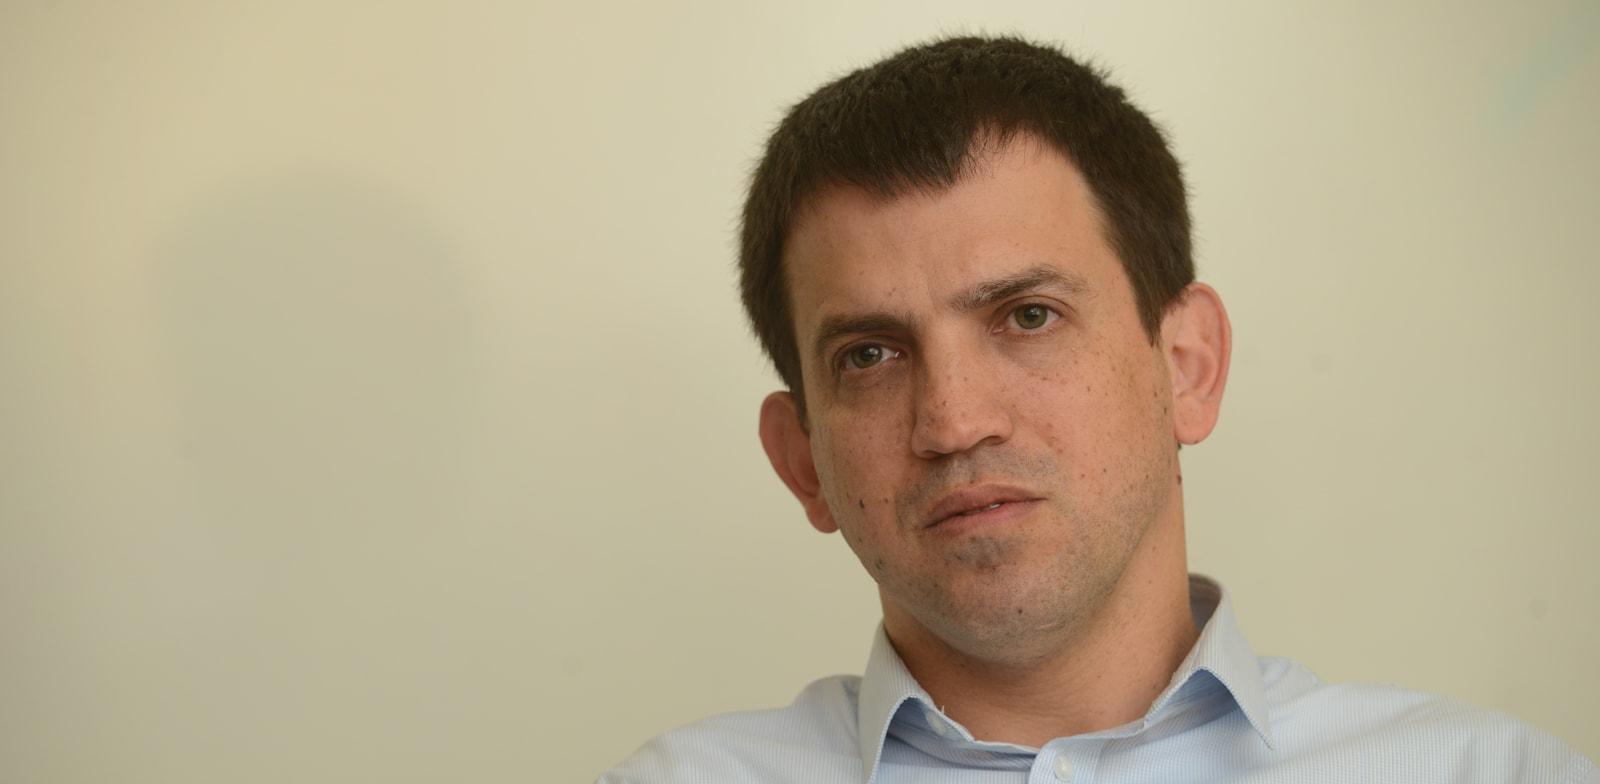 שאול מרידור, לשעבר ראש אגף התקציבים באוצר / צילום: איל יצהר